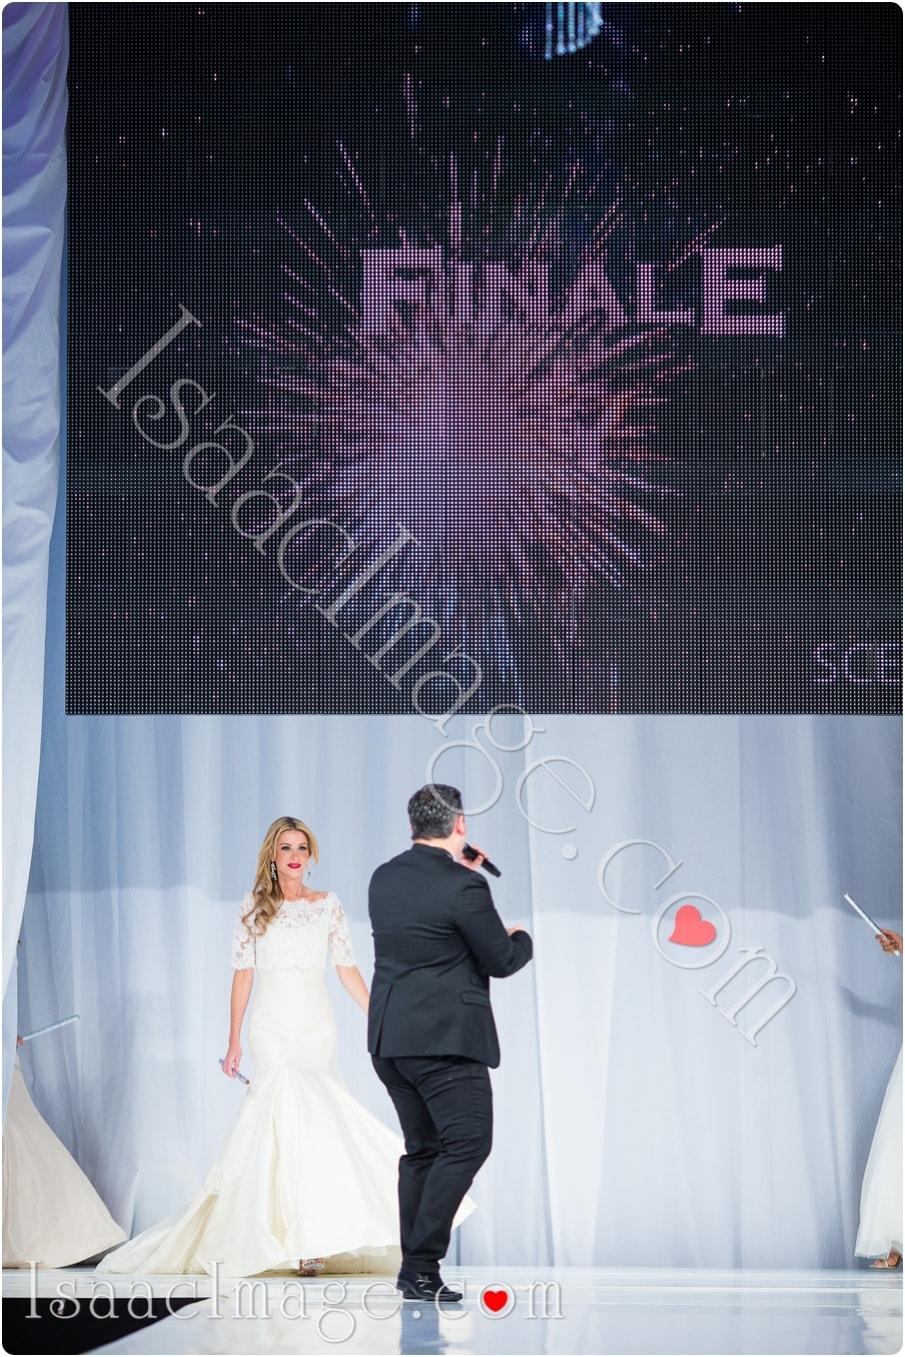 _IIX2428_canadas bridal show isaacimage.jpg